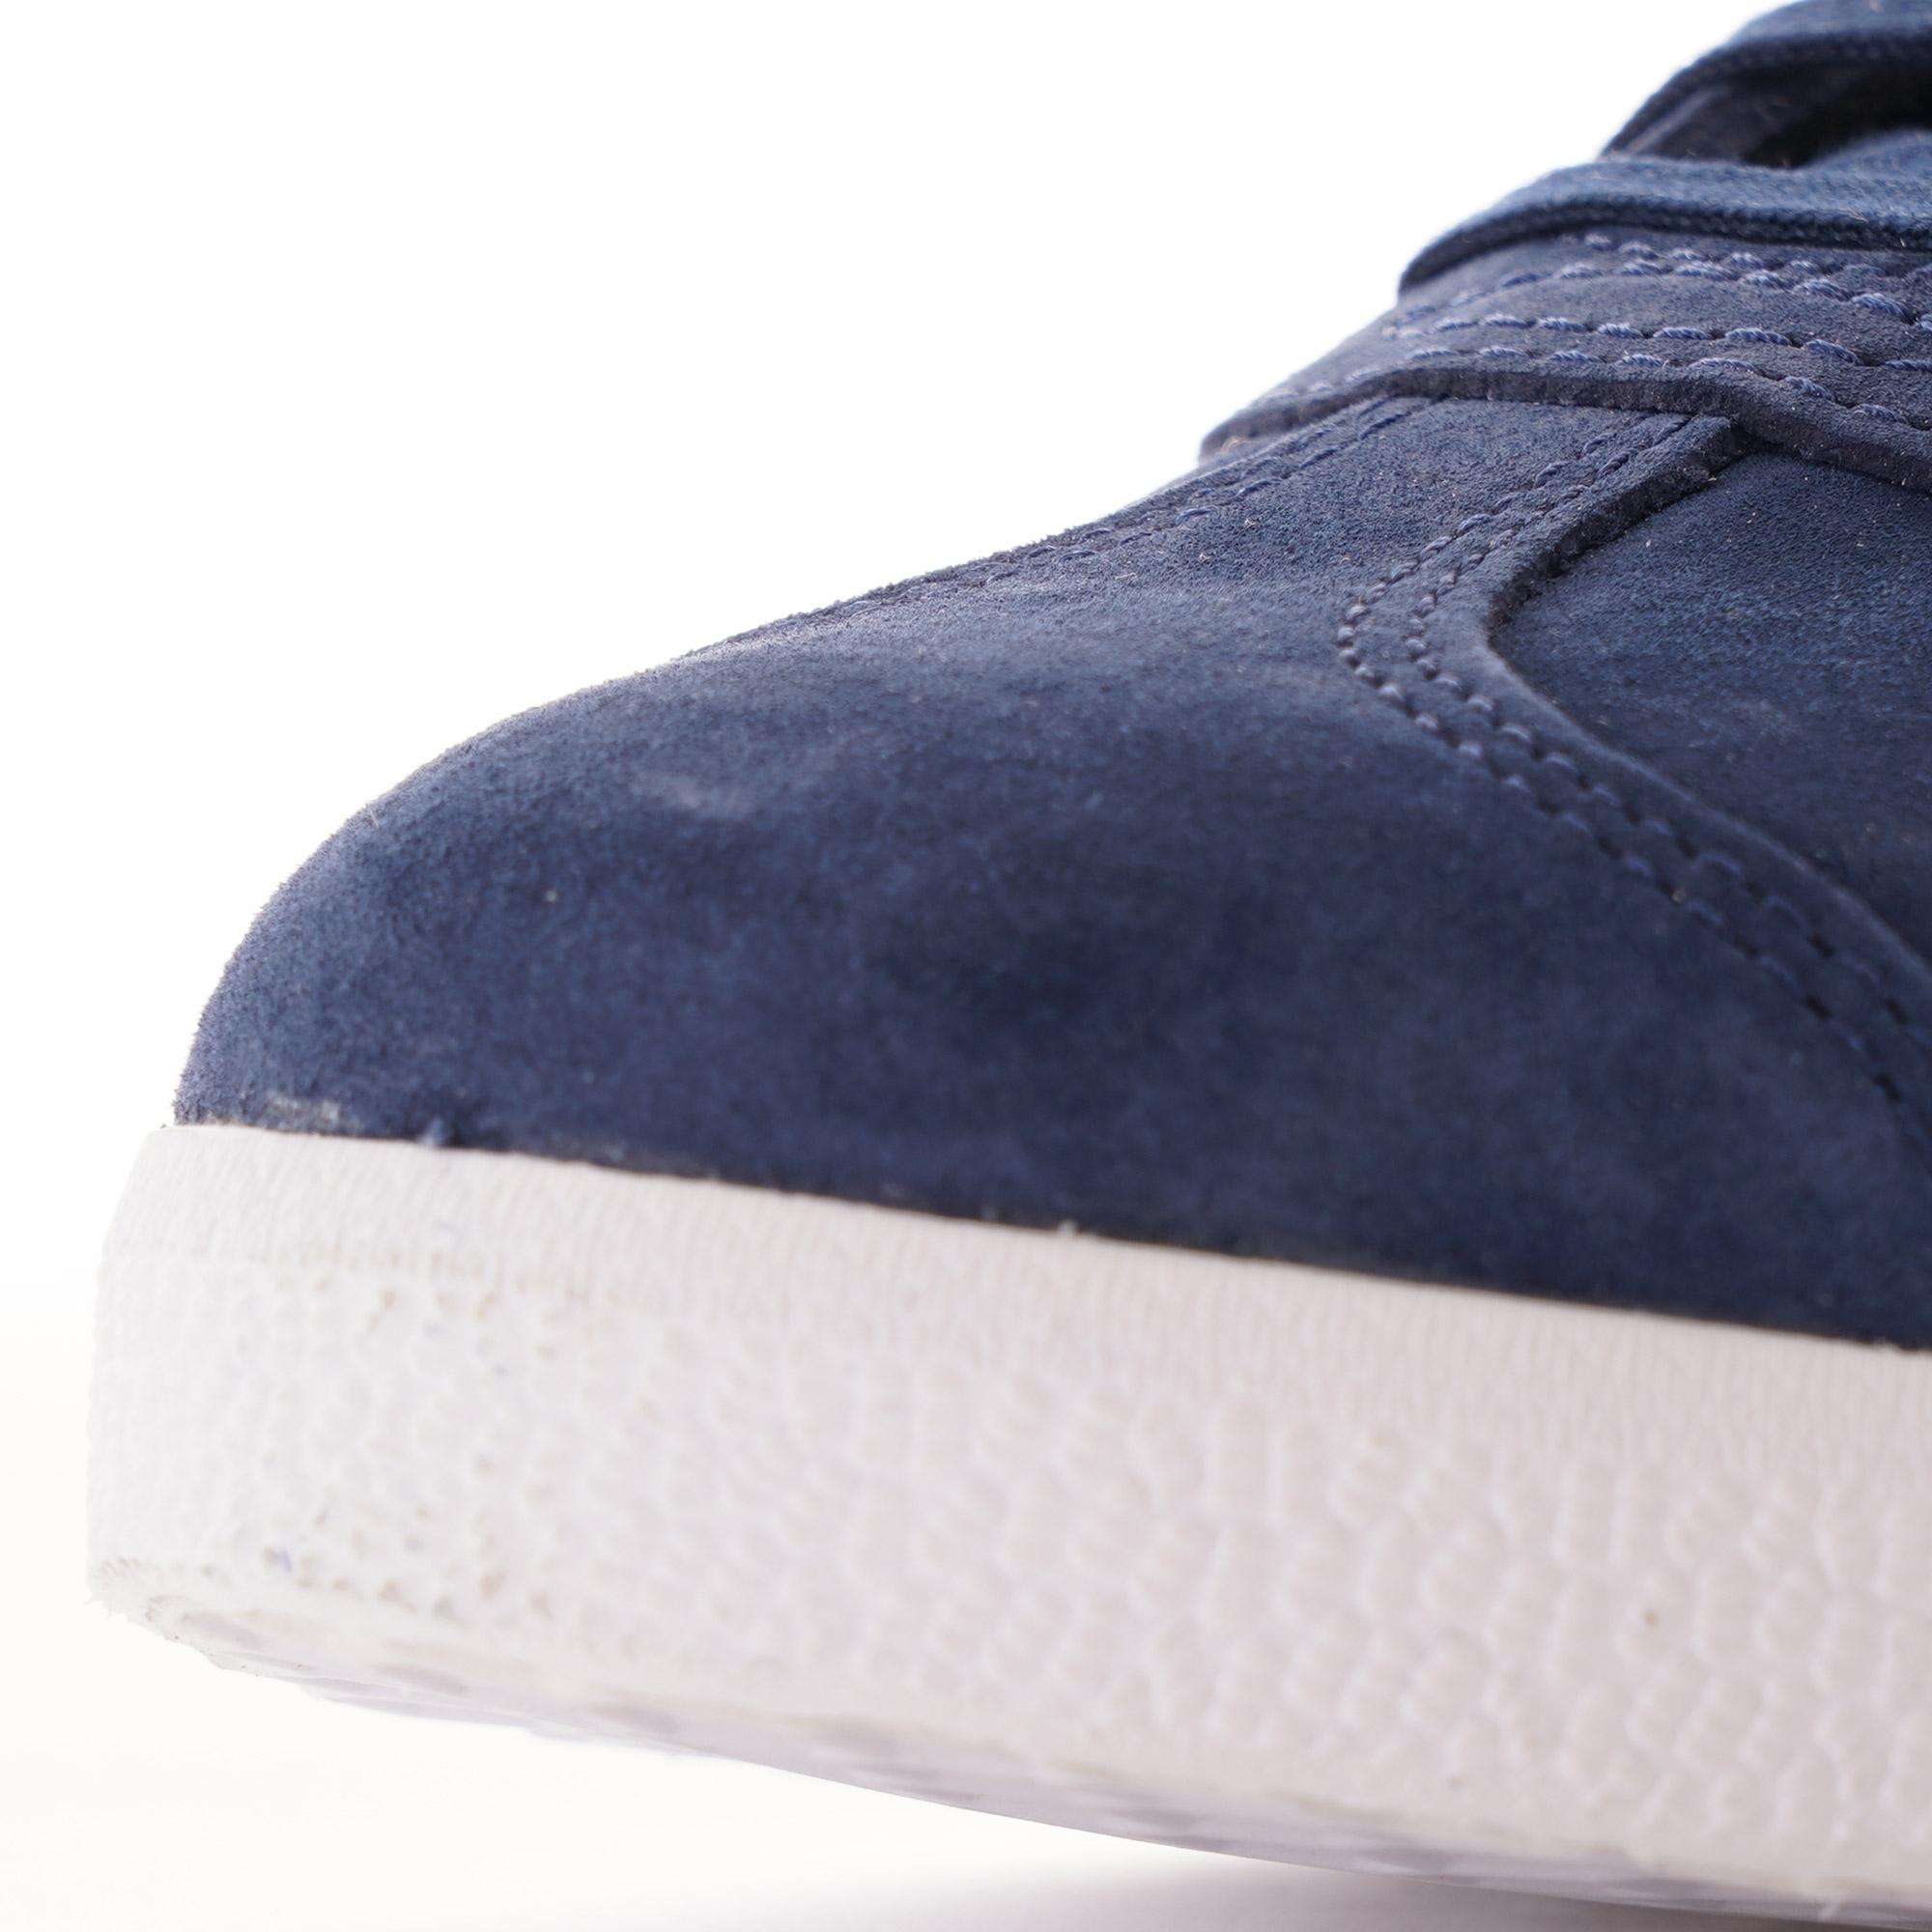 adidas Originals Gazelle (Collegiate